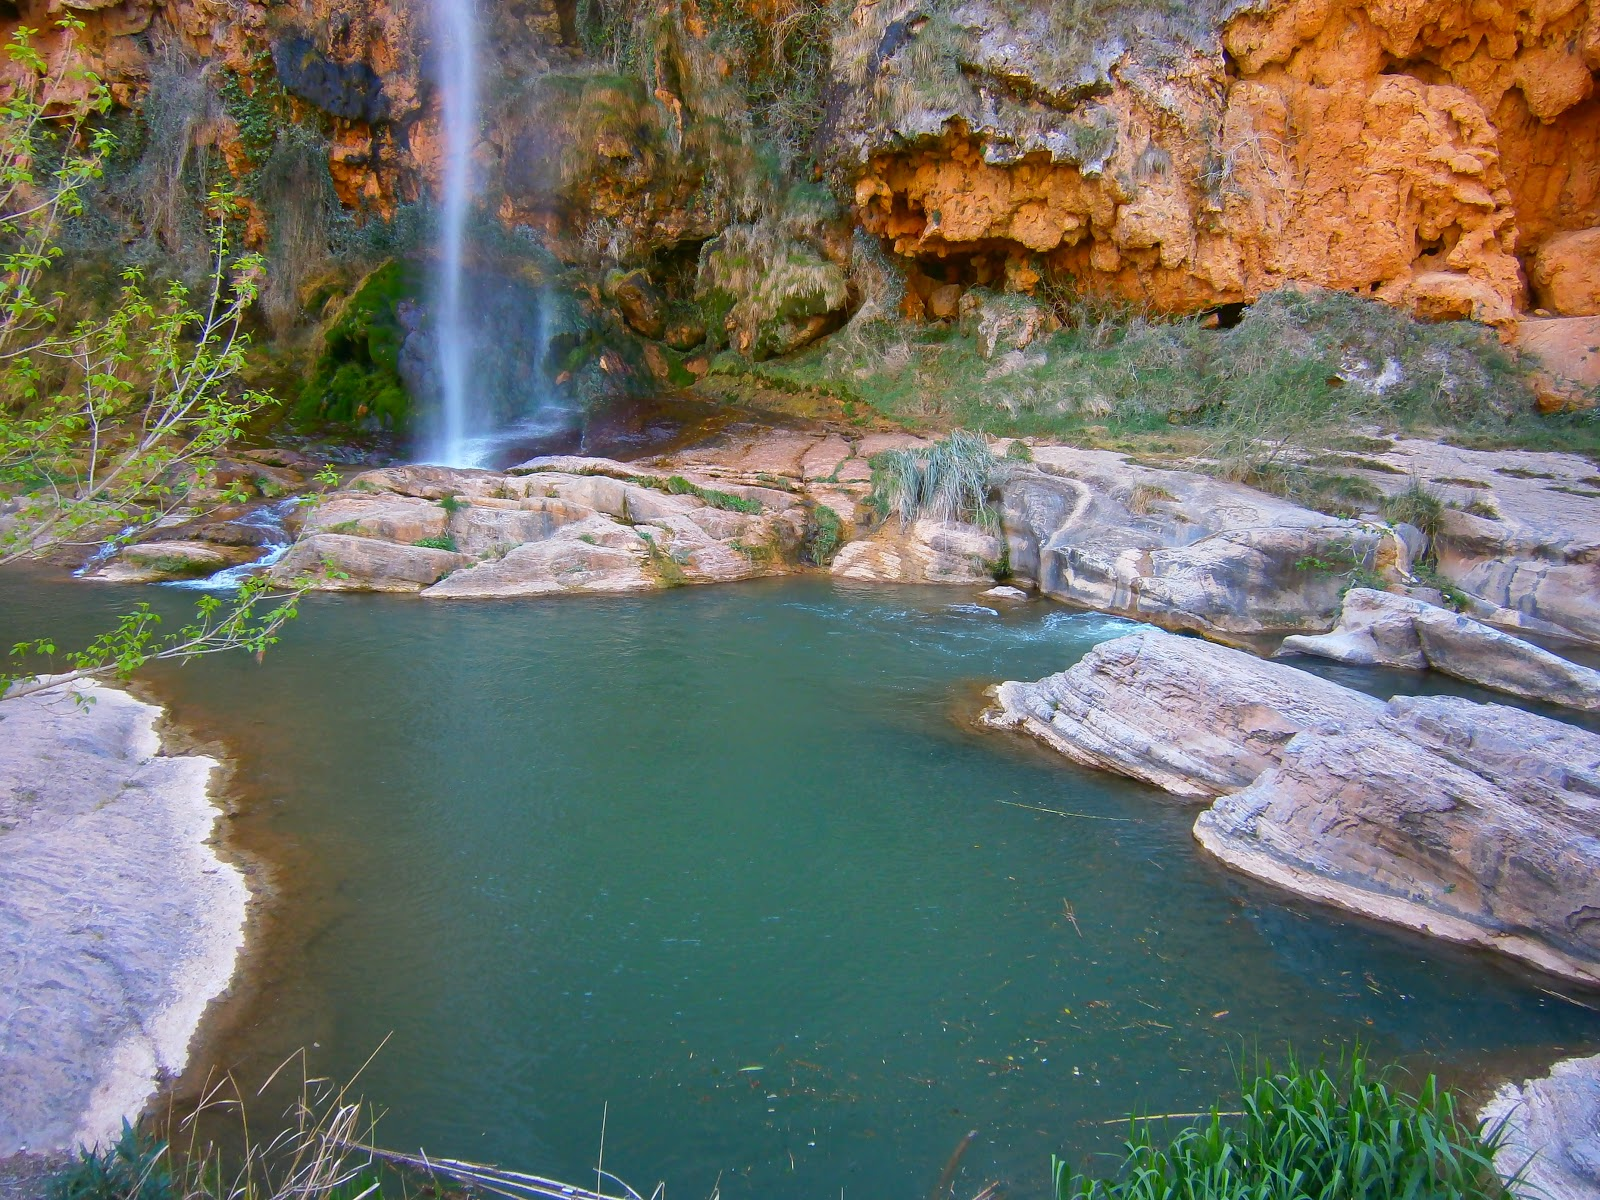 Piscinas naturales en alicante amazing piscinas naturales for Piscinas naturales en teruel